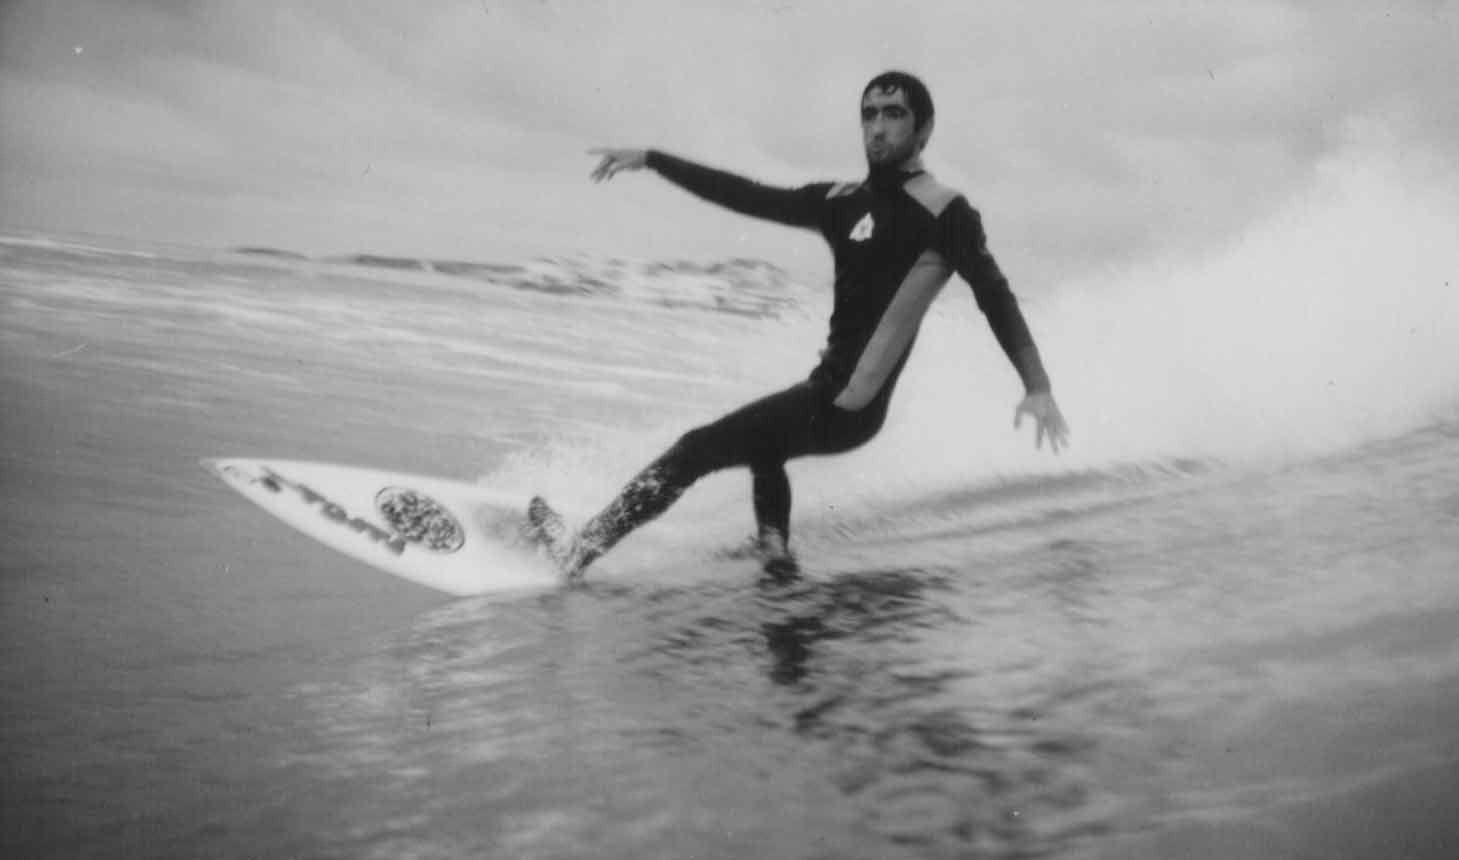 Homenagem - Nuno Taveira, inícios dos anos 80